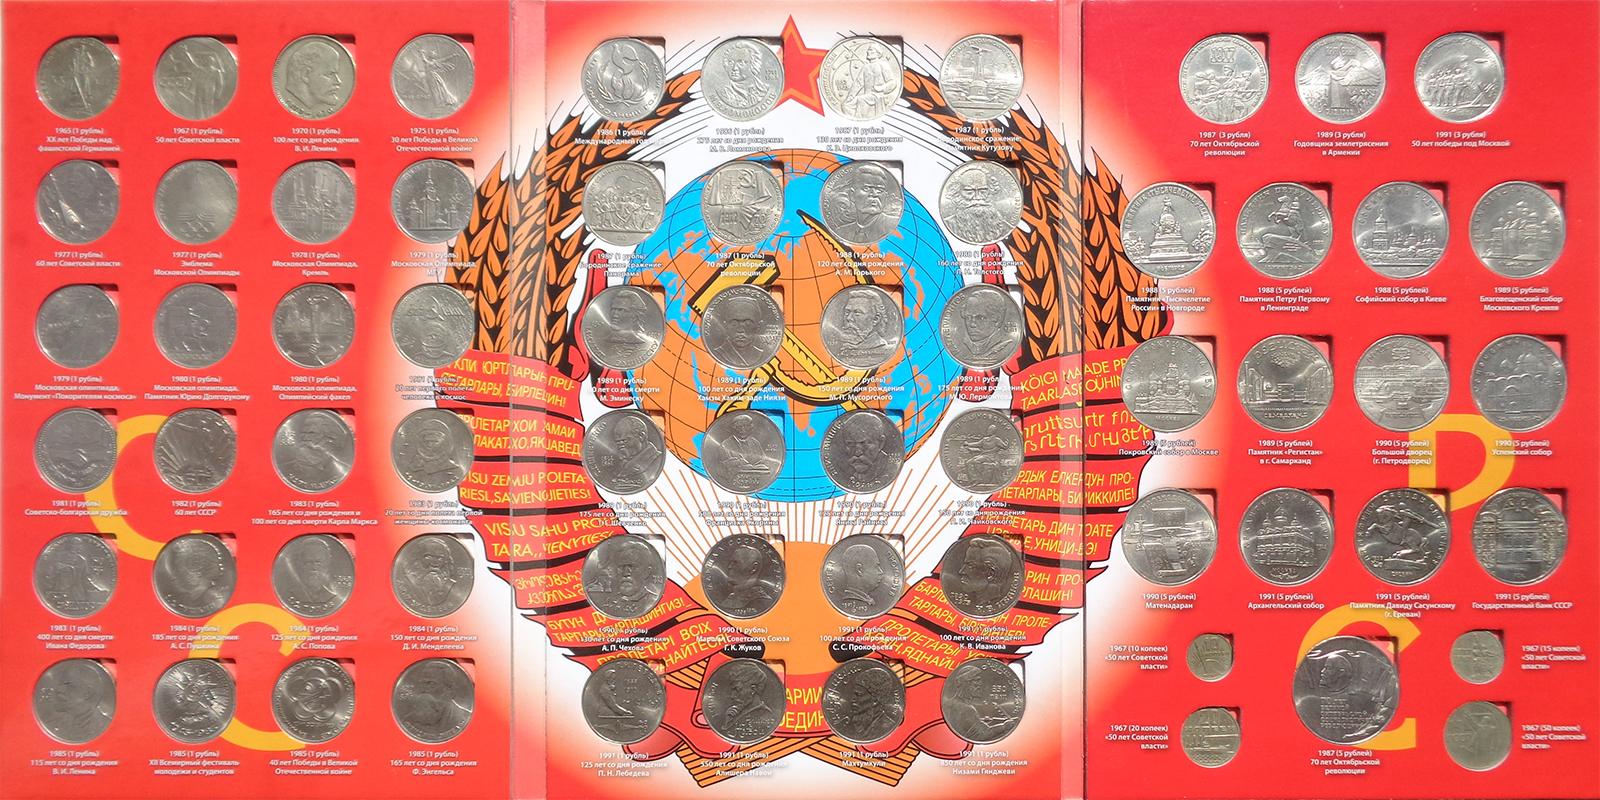 проект успешно фото советских юбилейных рублей таблица эфире программы андрей